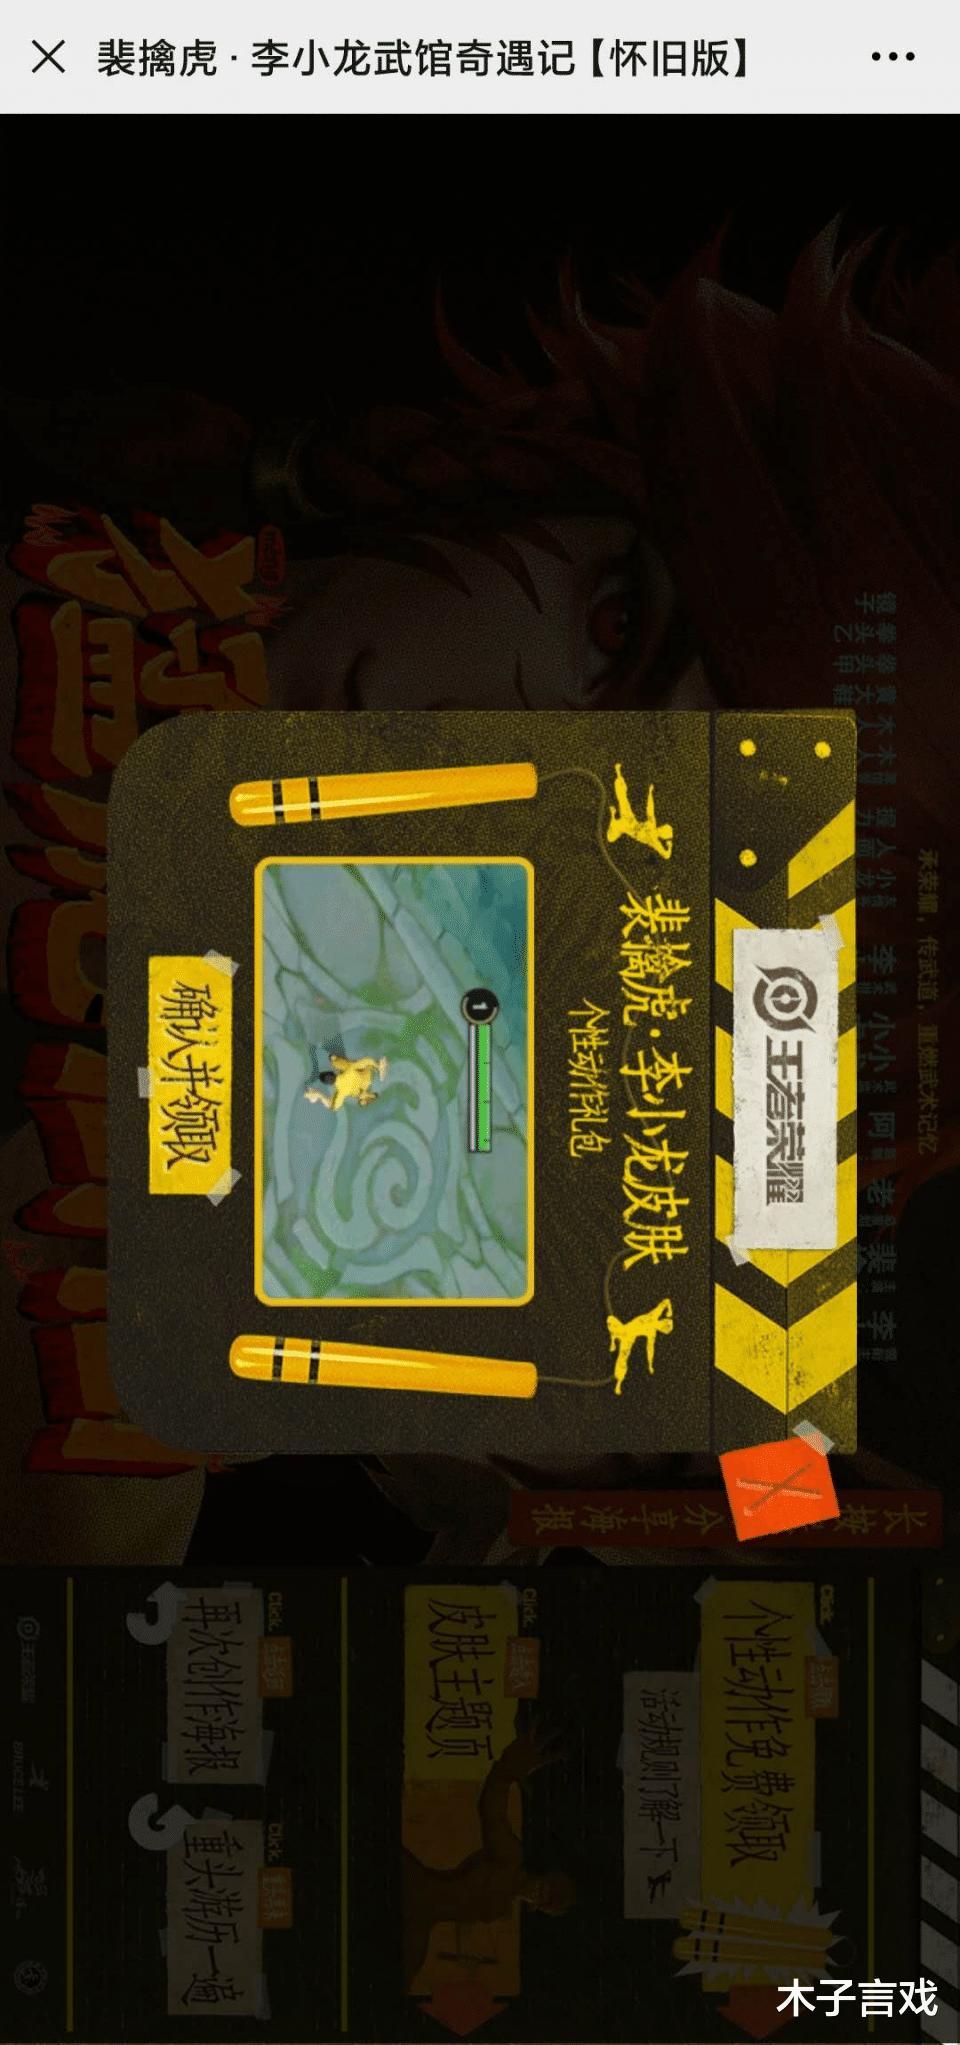 易烊千玺联名王者荣耀开启五周年:李小龙28号上线,特效意外曝光插图(6)